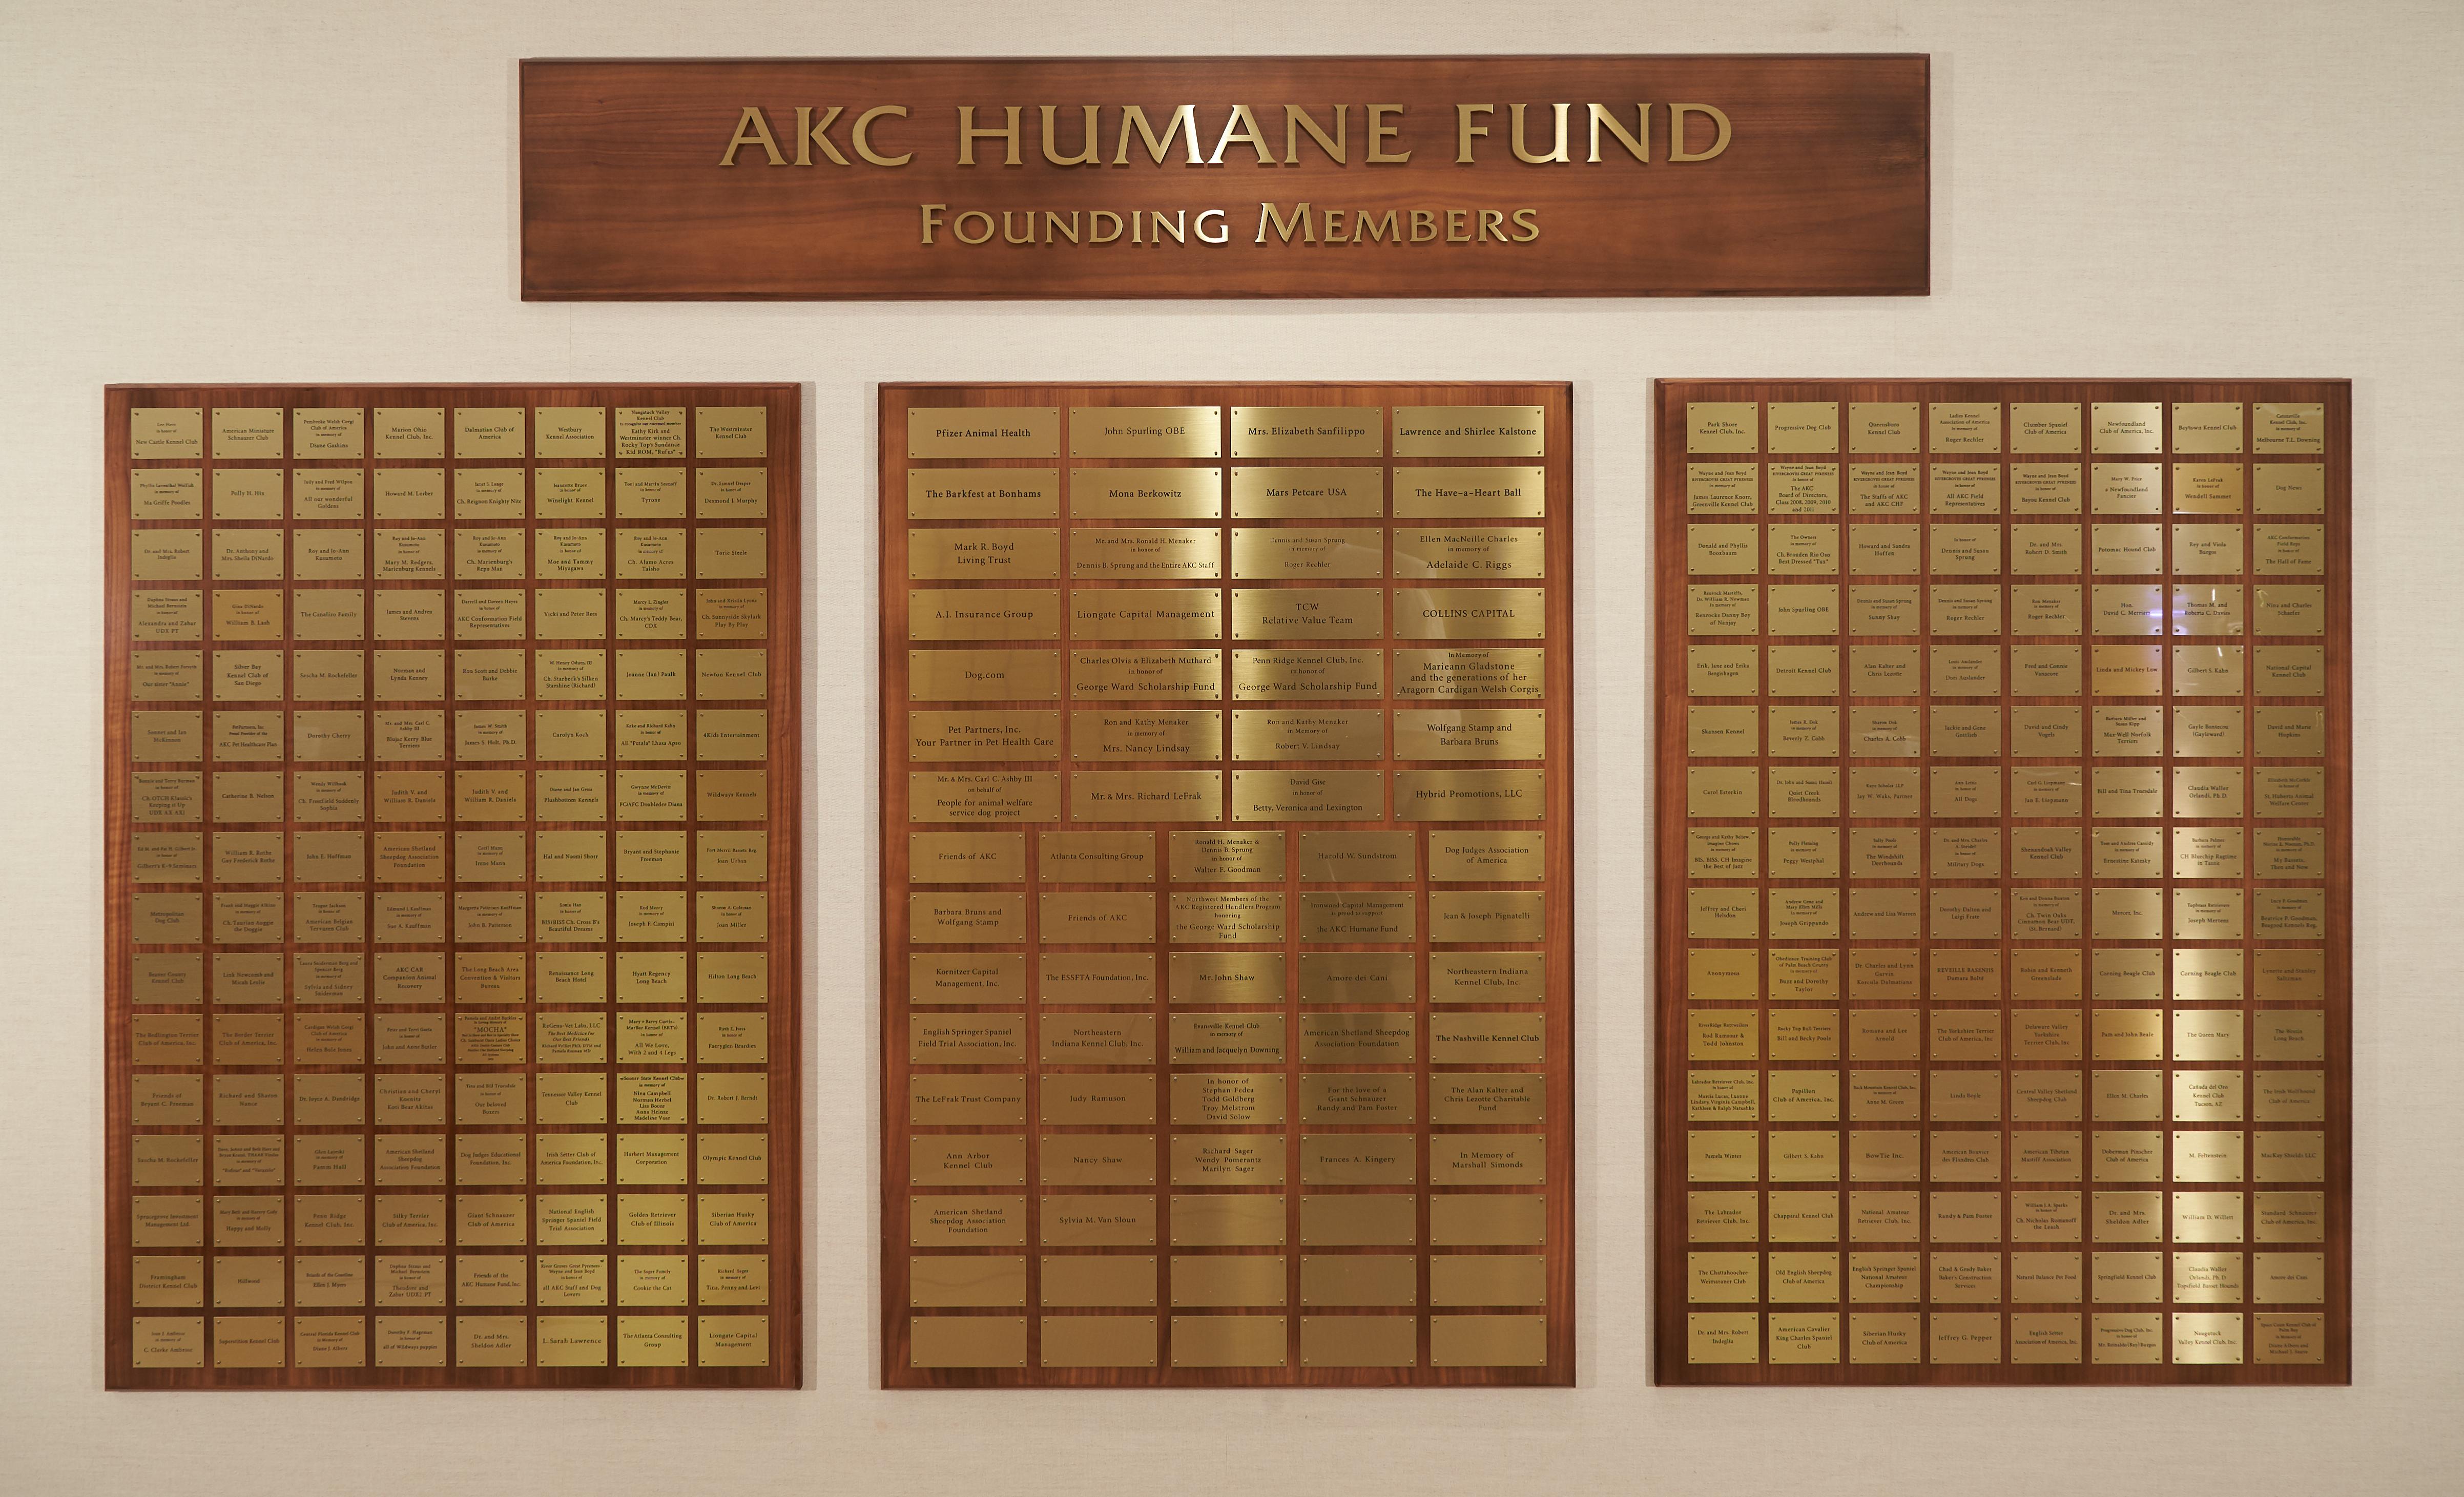 akc humane fund